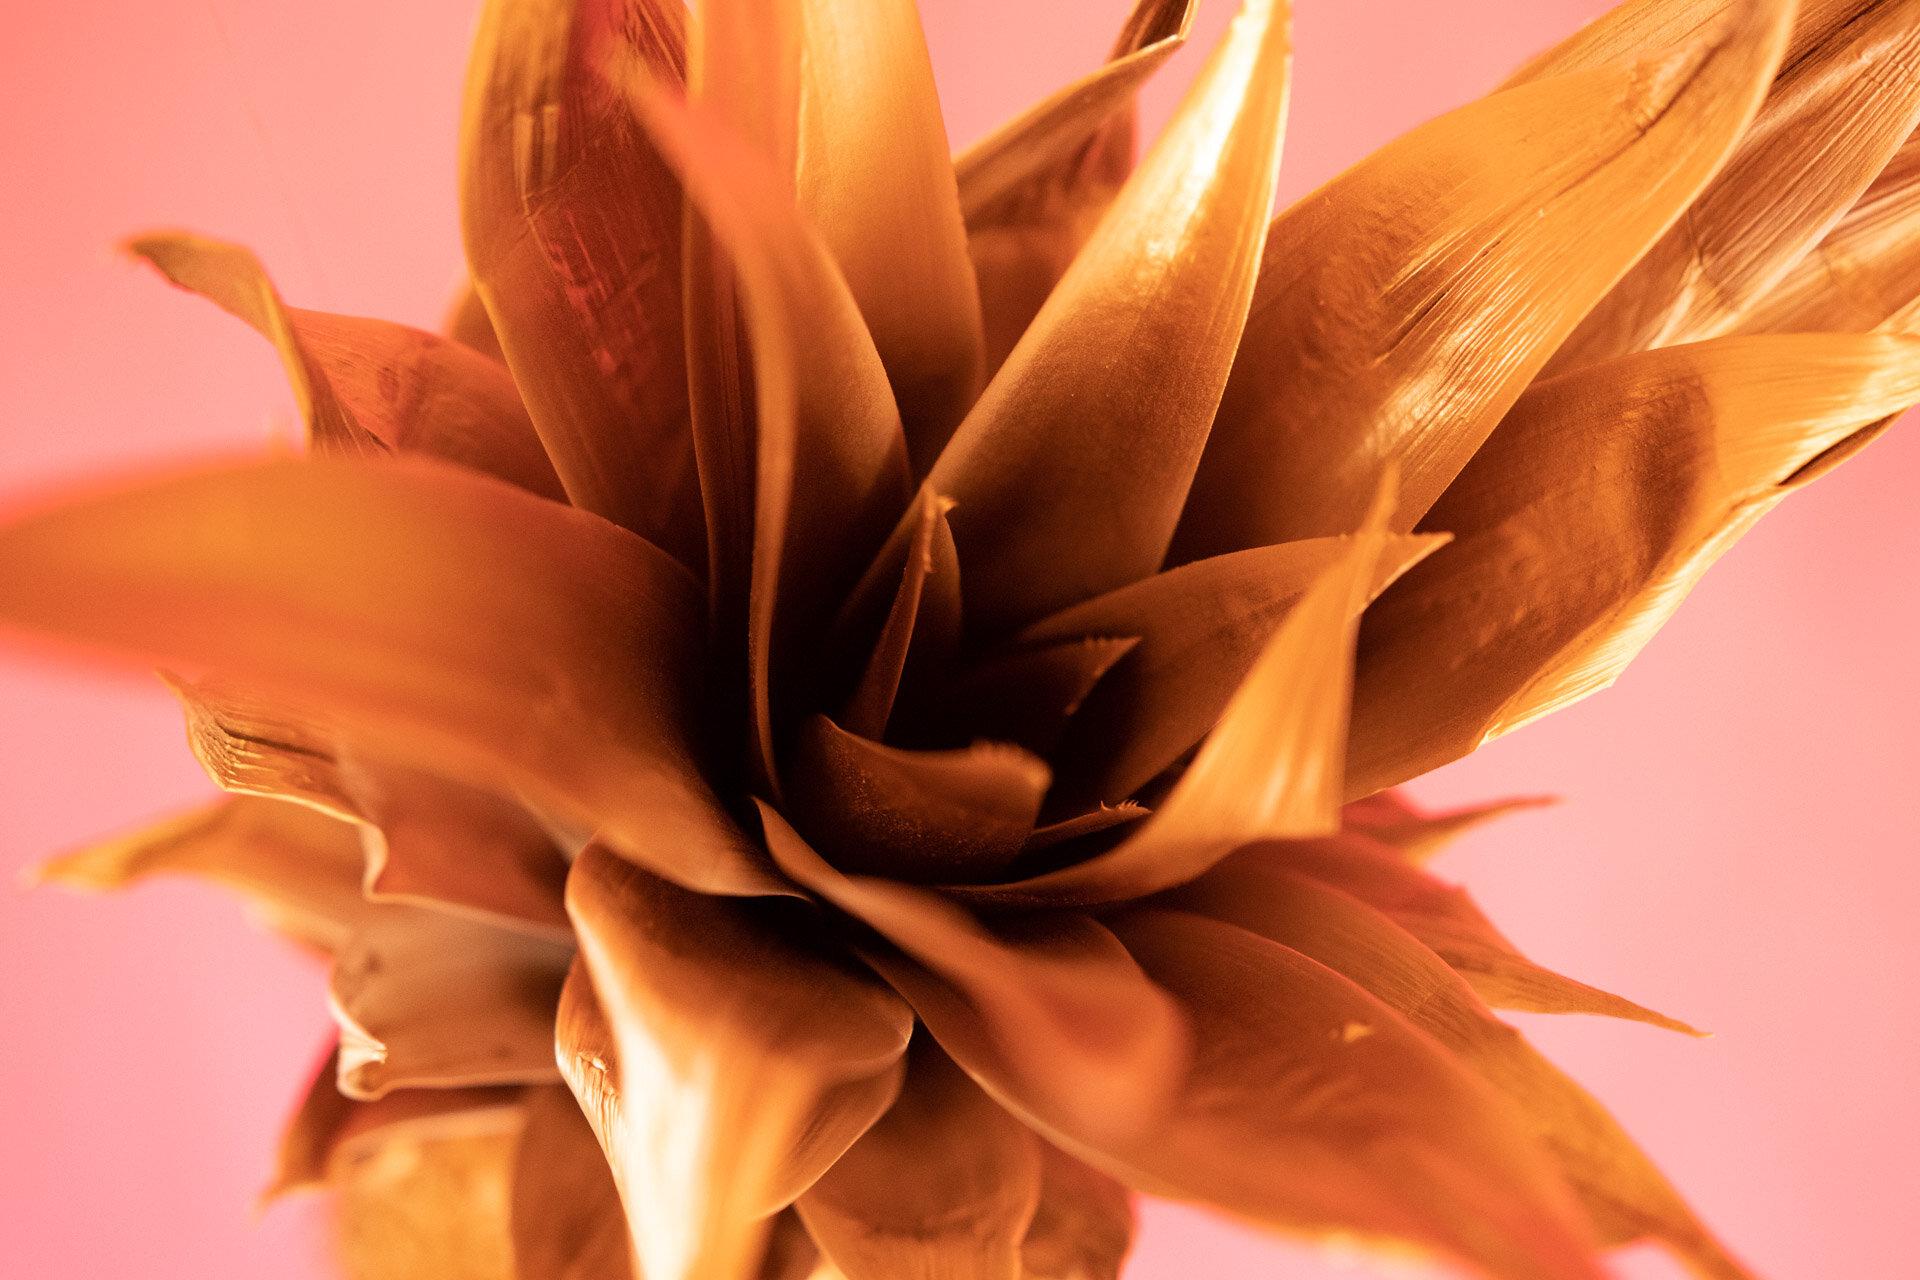 BPP 11 - Golden Pineapple - IG-7.jpg